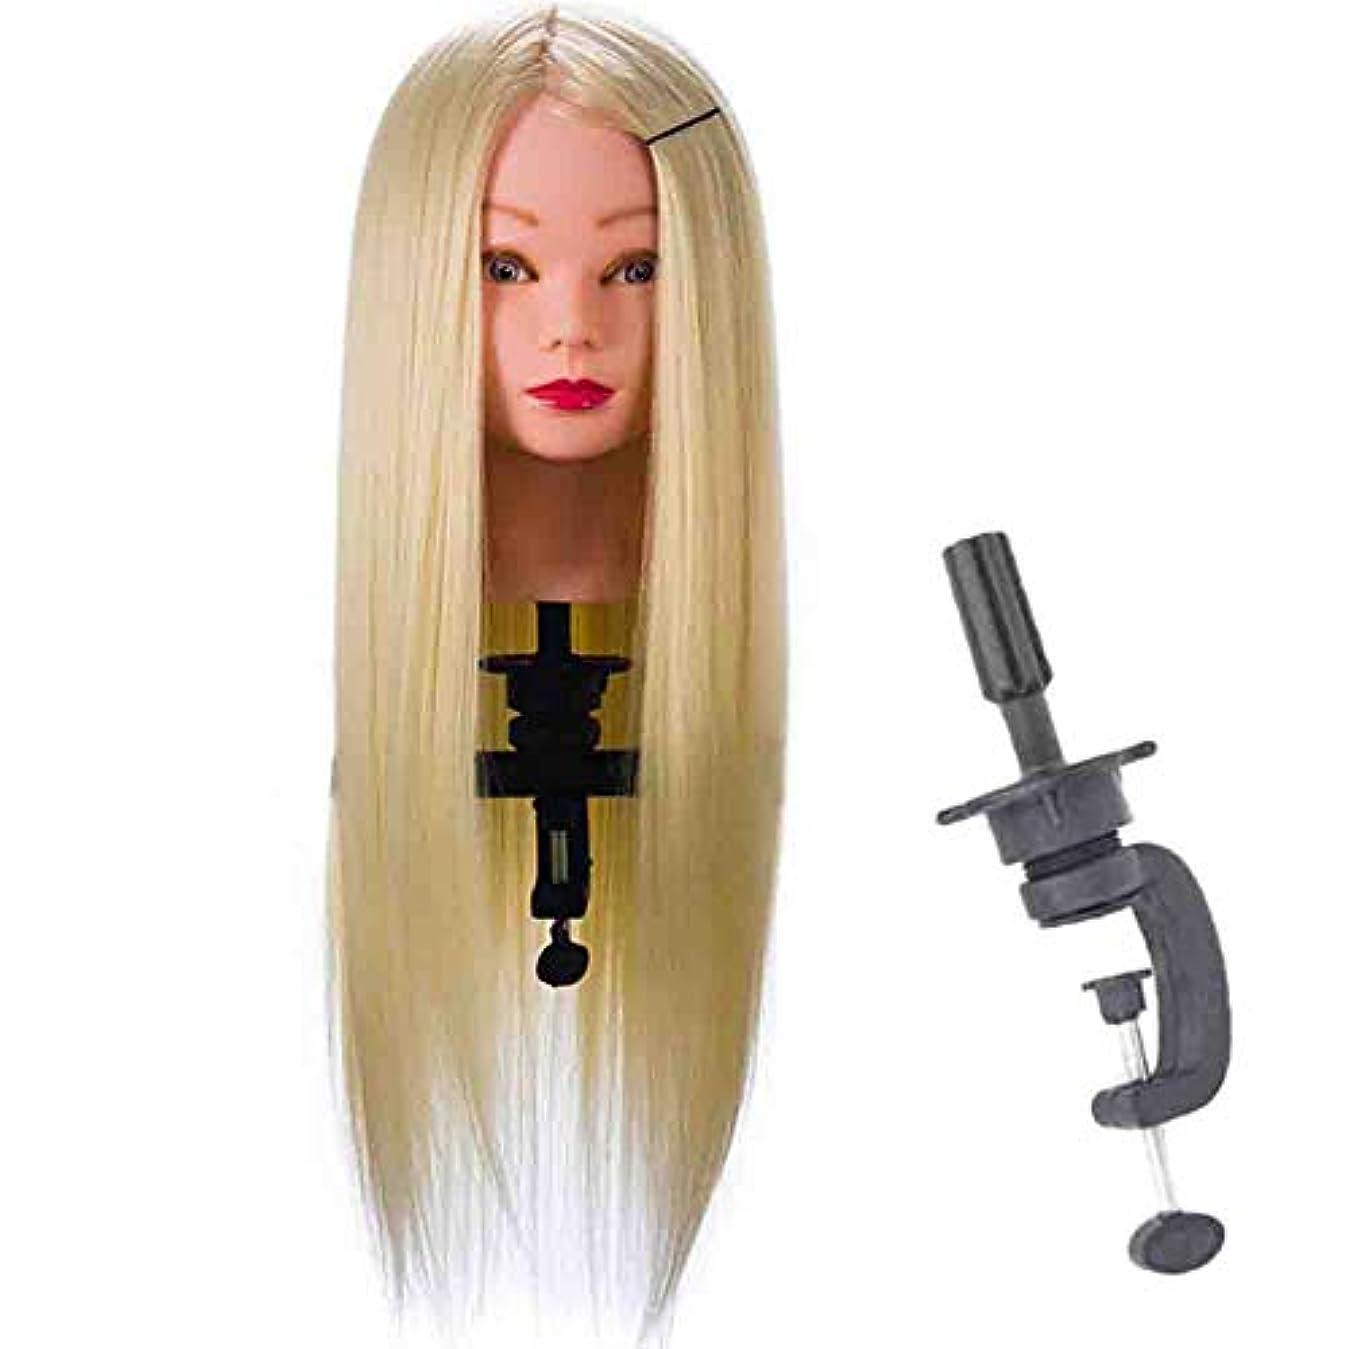 厚いピニオン訪問シミュレーションウィッグヘッドダイドールヘッドモデルエクササイズディスクヘアブレードヘアメイクスタイリングヘアサロンダミーマネキンヘッド